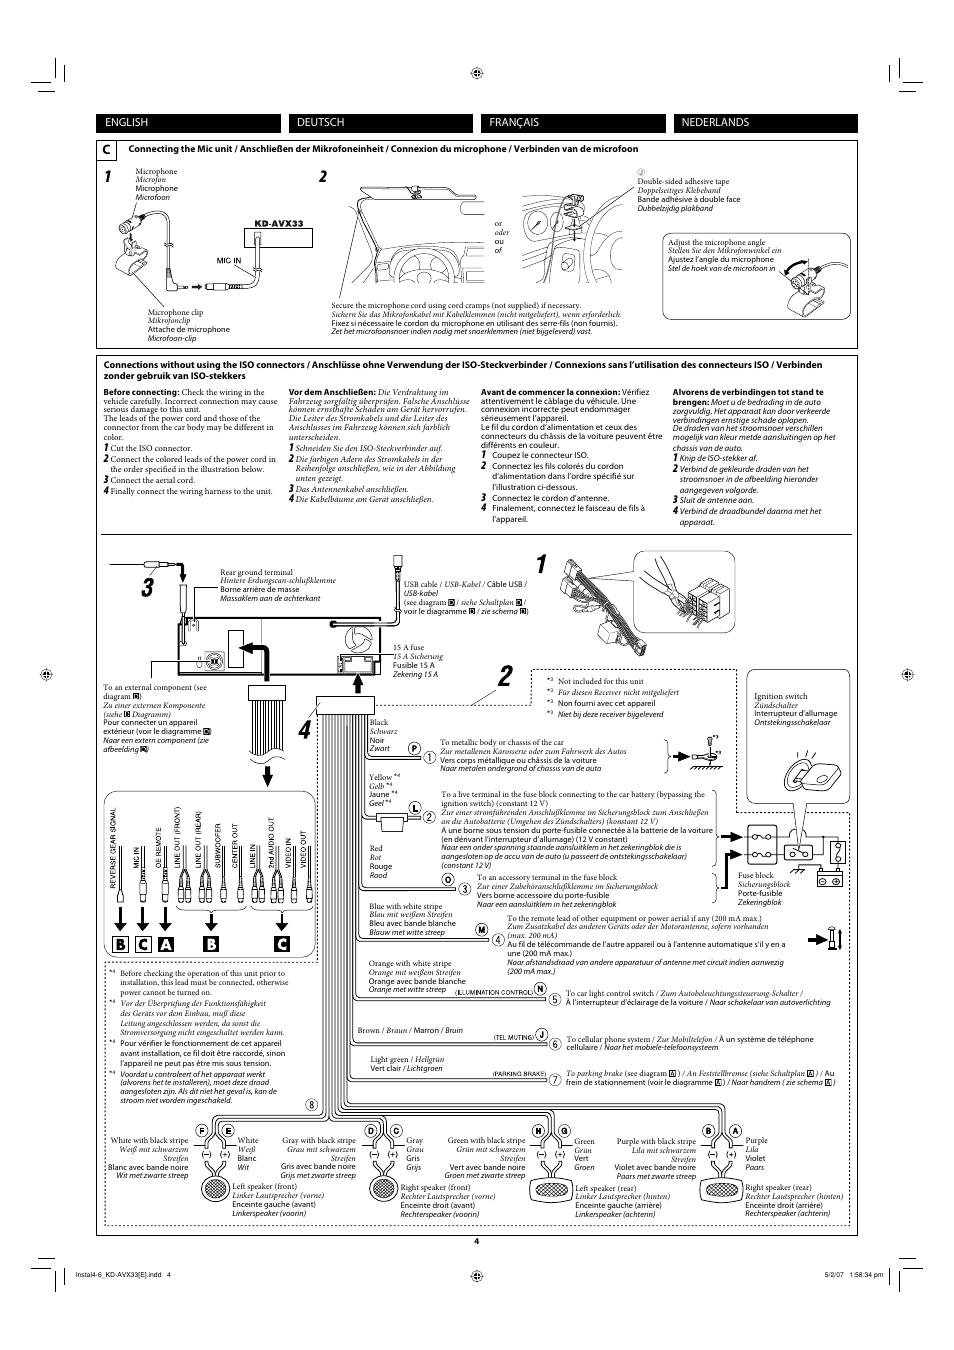 medium resolution of r438 wiring diagram jvc kd wiring diagram schematics rh 13 3 schlaglicht regional de jvc wiring harness diagram diagram kd jvc x320btswiring